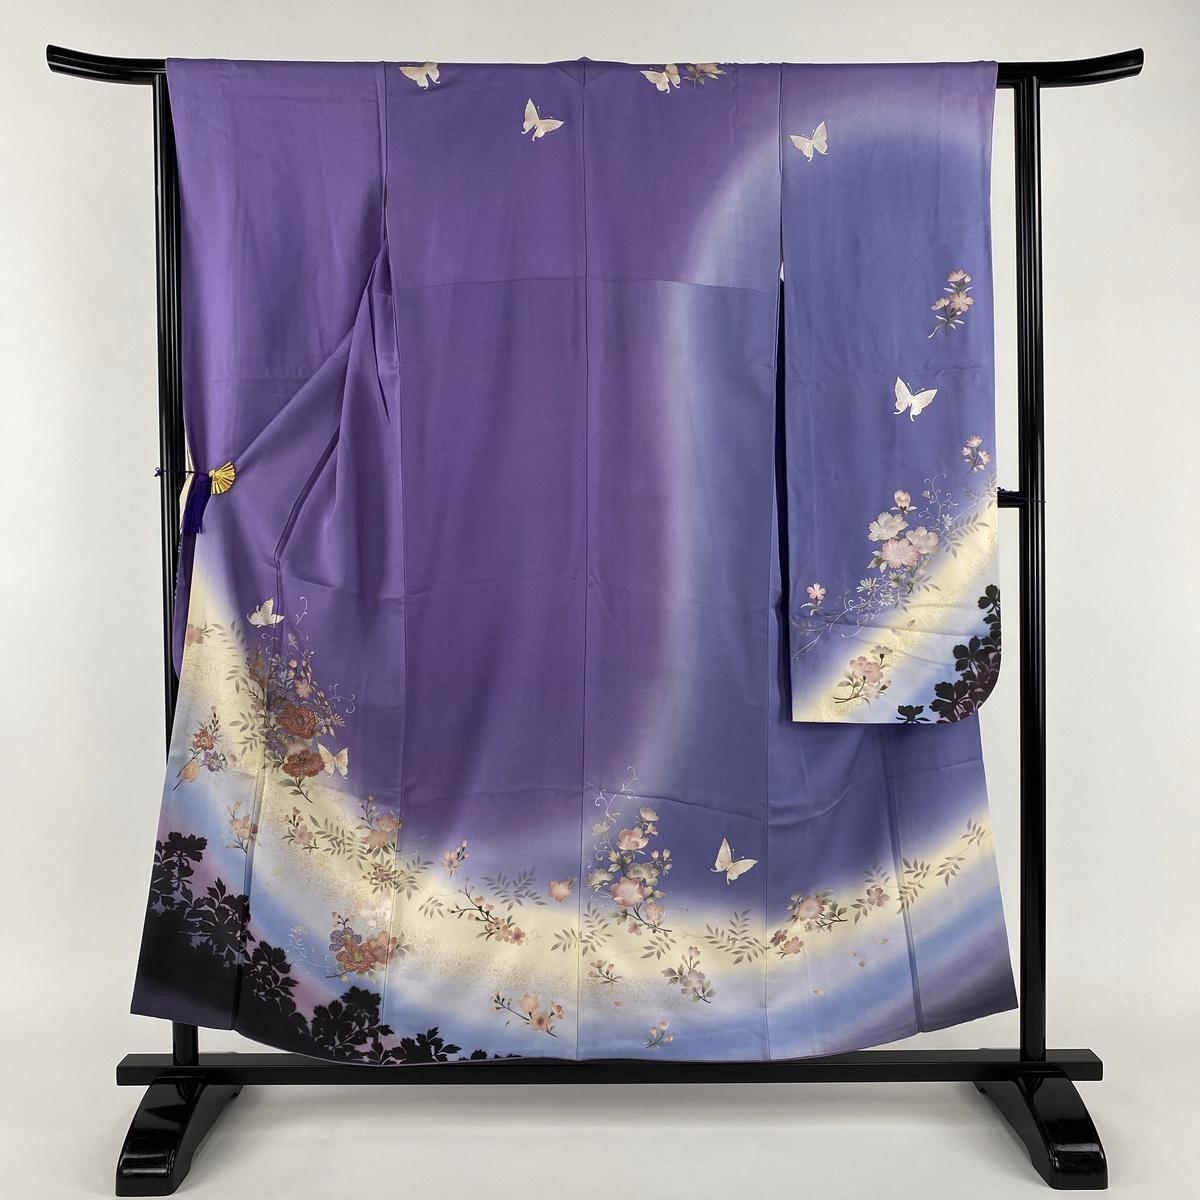 振袖 秀品 やまと誂製 草花 蝶 部分刺繍 ビーズ 紫 袷 身丈156cm 裄丈62.5cm S 正絹 【中古】